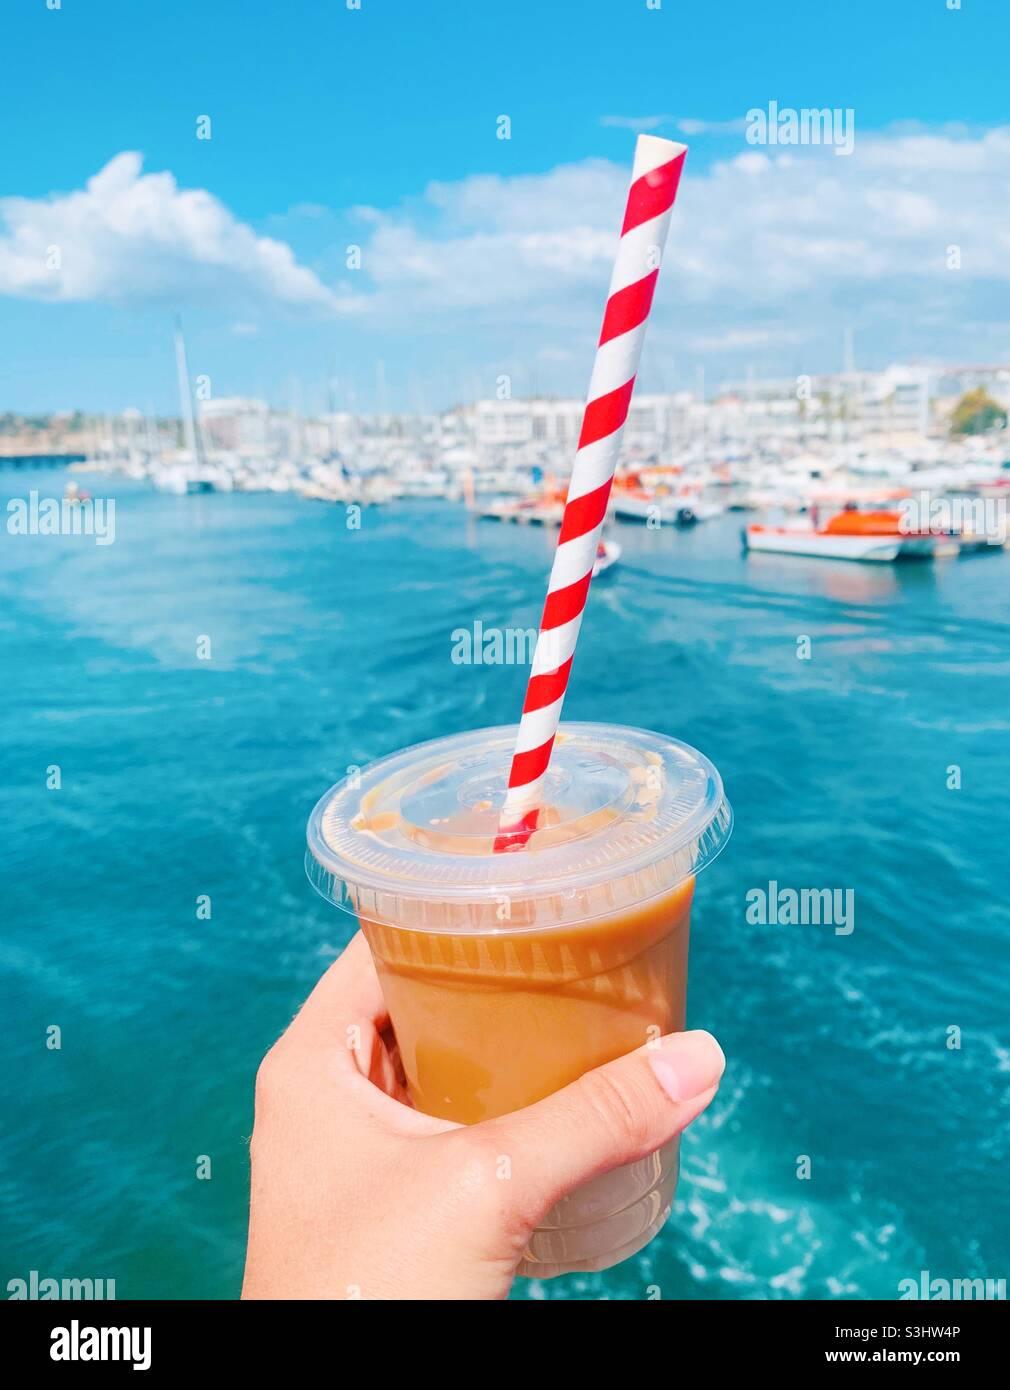 Retirez le café glacé Banque D'Images